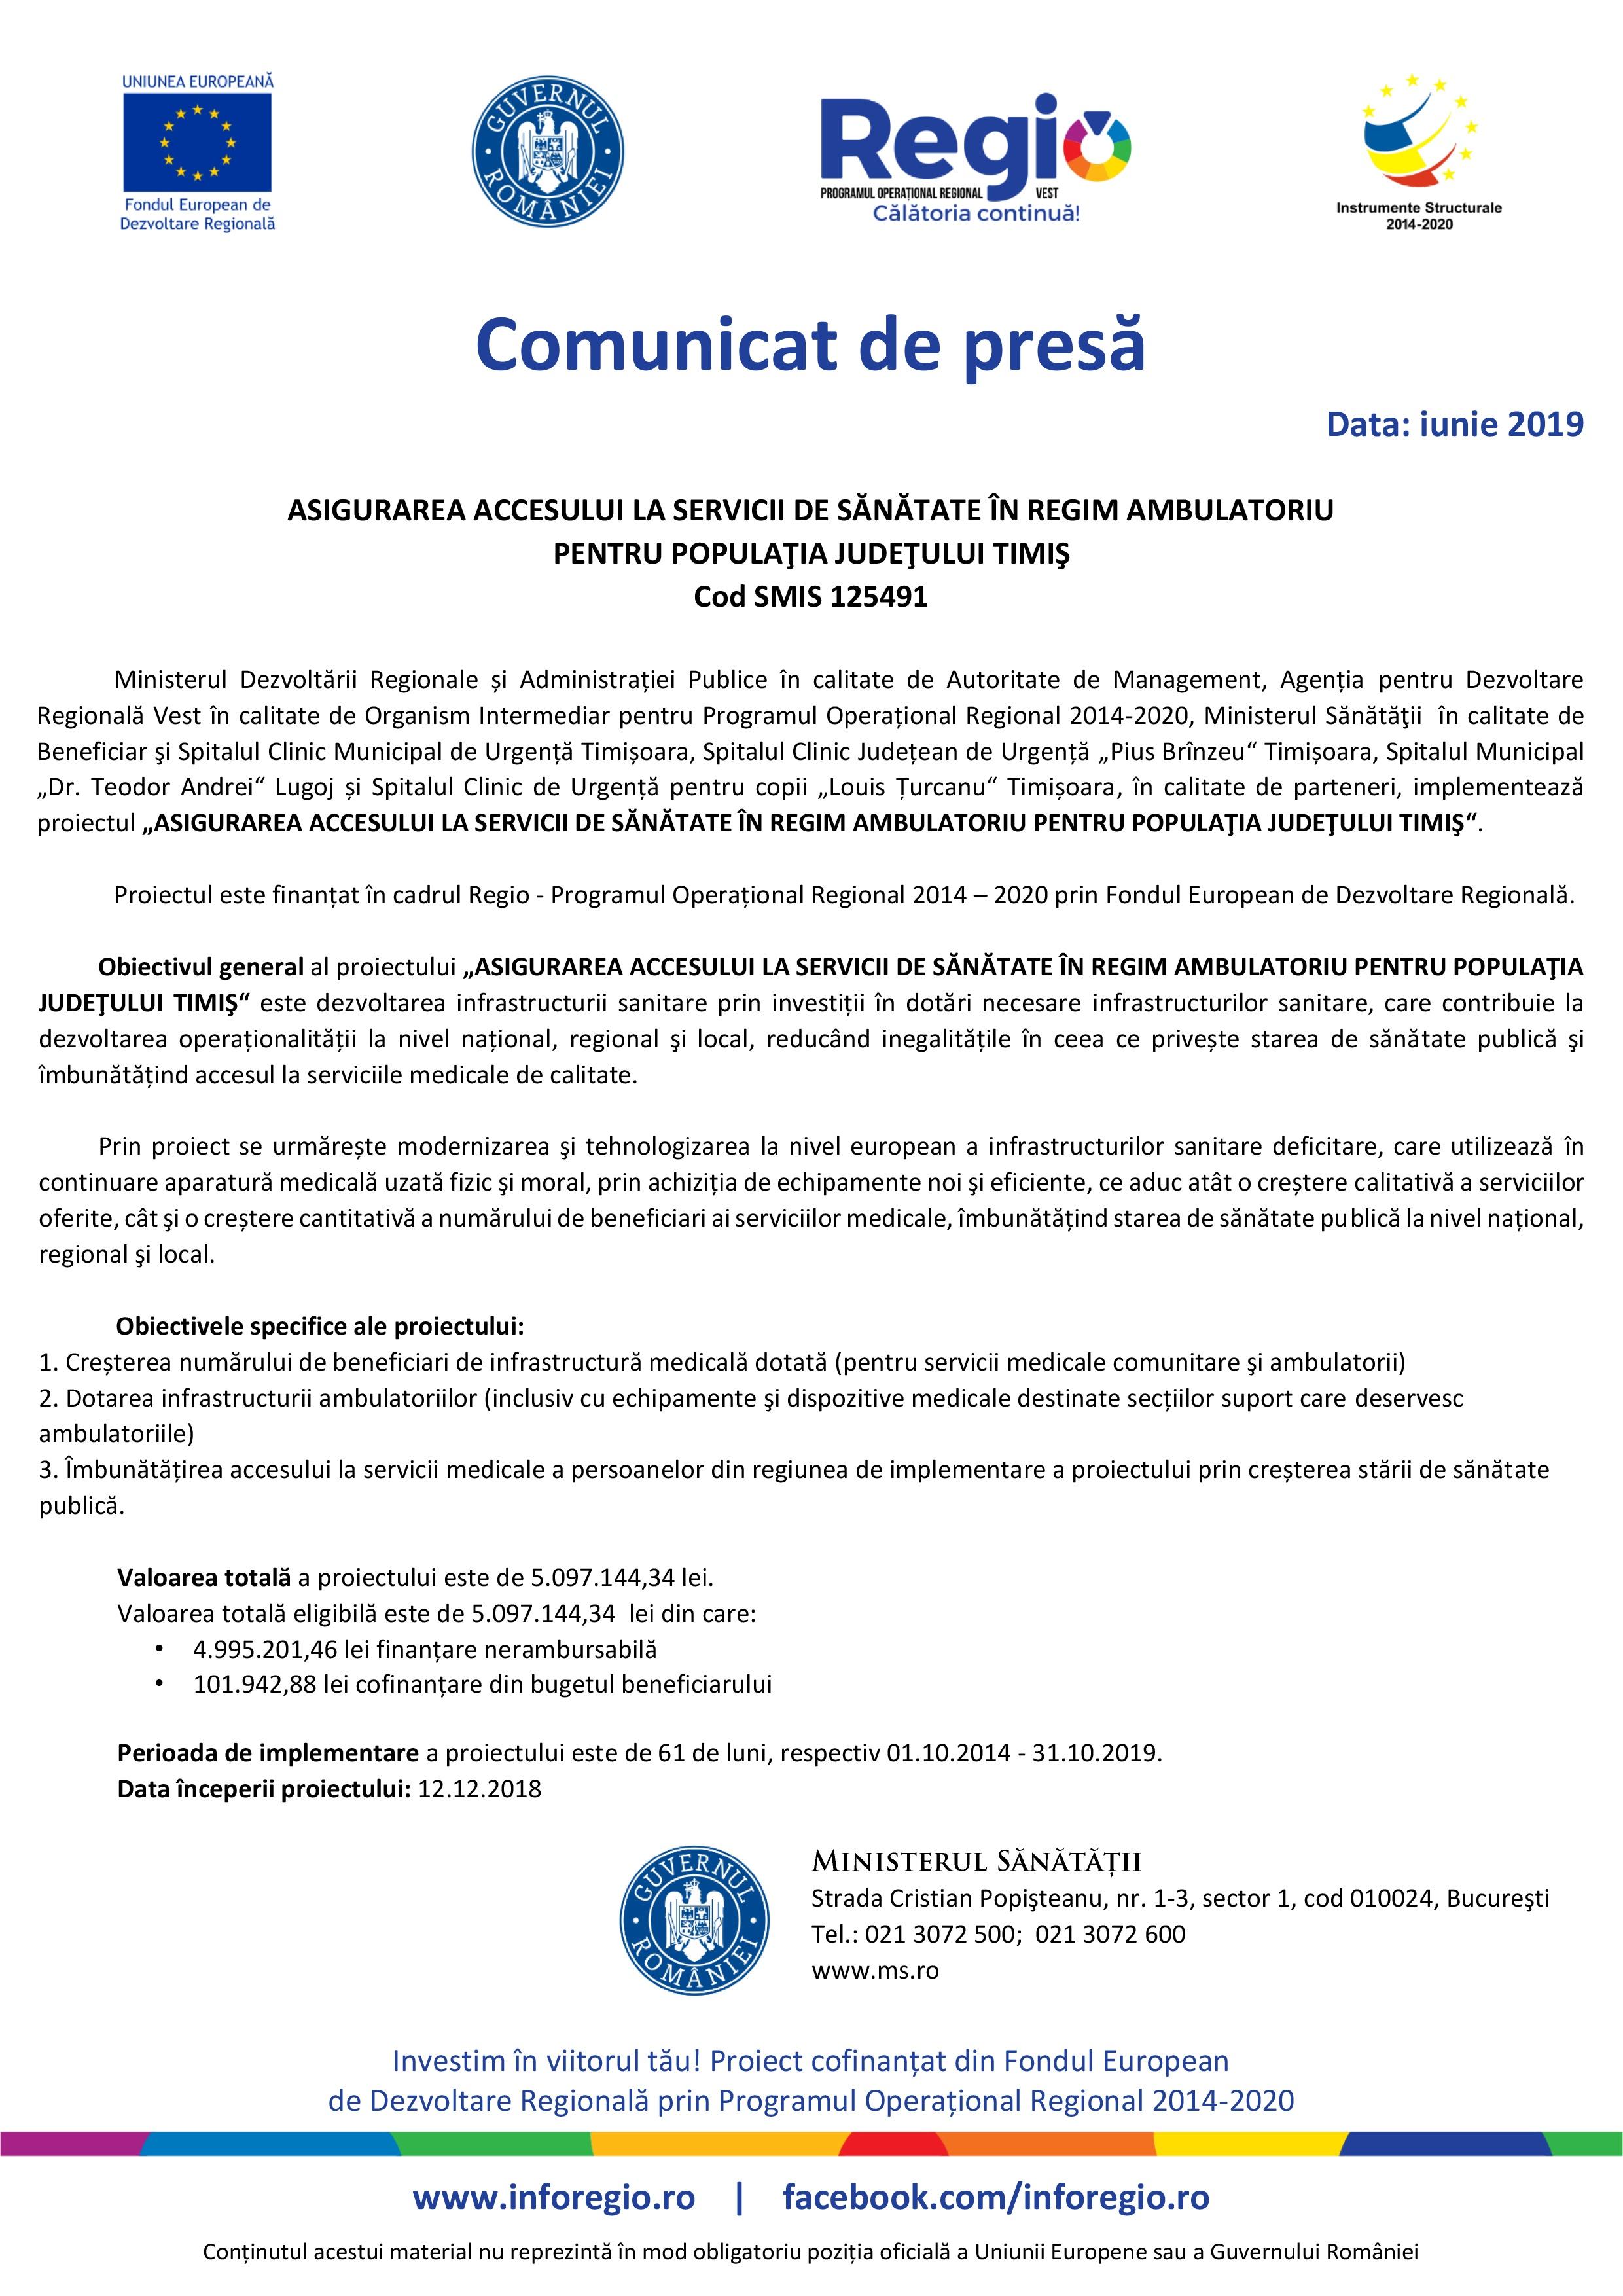 Spital Timisoara - Comunicat lansare proiect - (19.06.2019, 20.06.2019 si 21.06.2019)